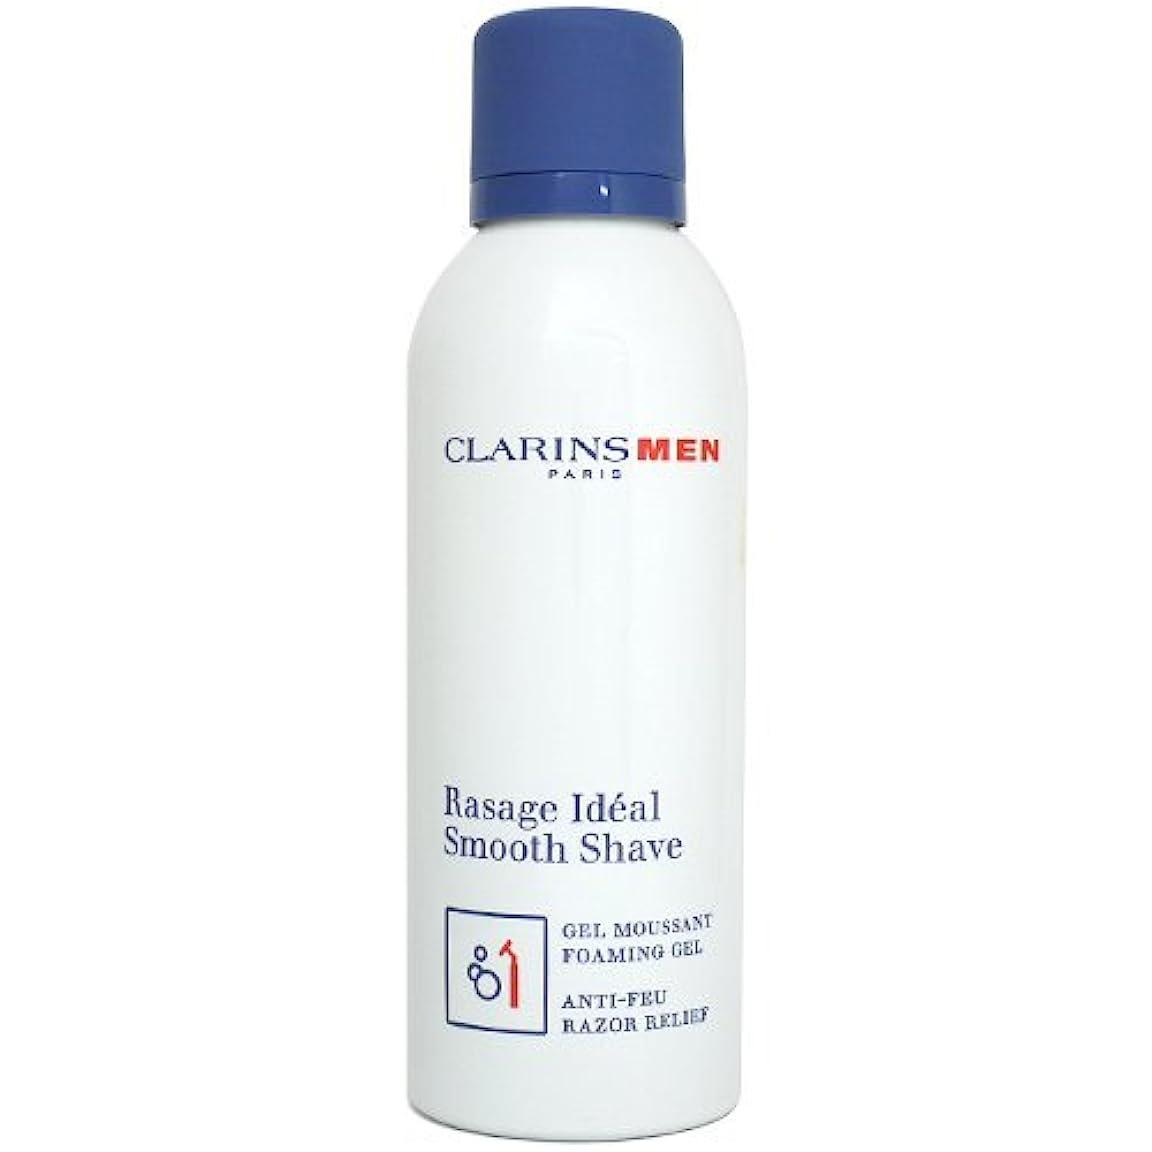 診療所ディスコパスクラランス CLARINS メン スムース シェイヴ 150mL [並行輸入品]